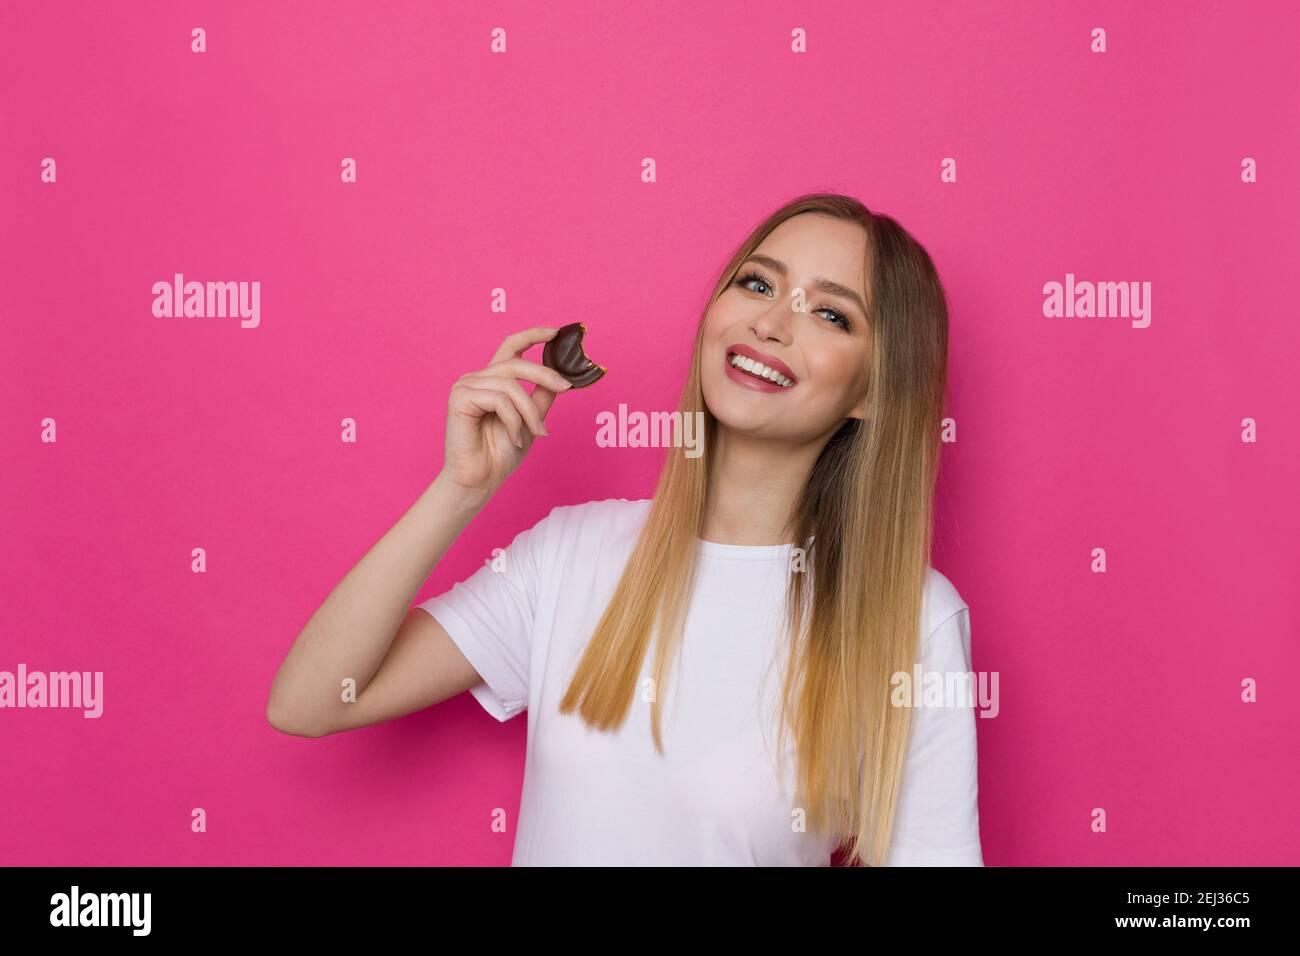 Jolie femme souriante dans un t-shirt qui tient un biscuit au chocolat. Taille haute studio tourné sur fond rose. Banque D'Images